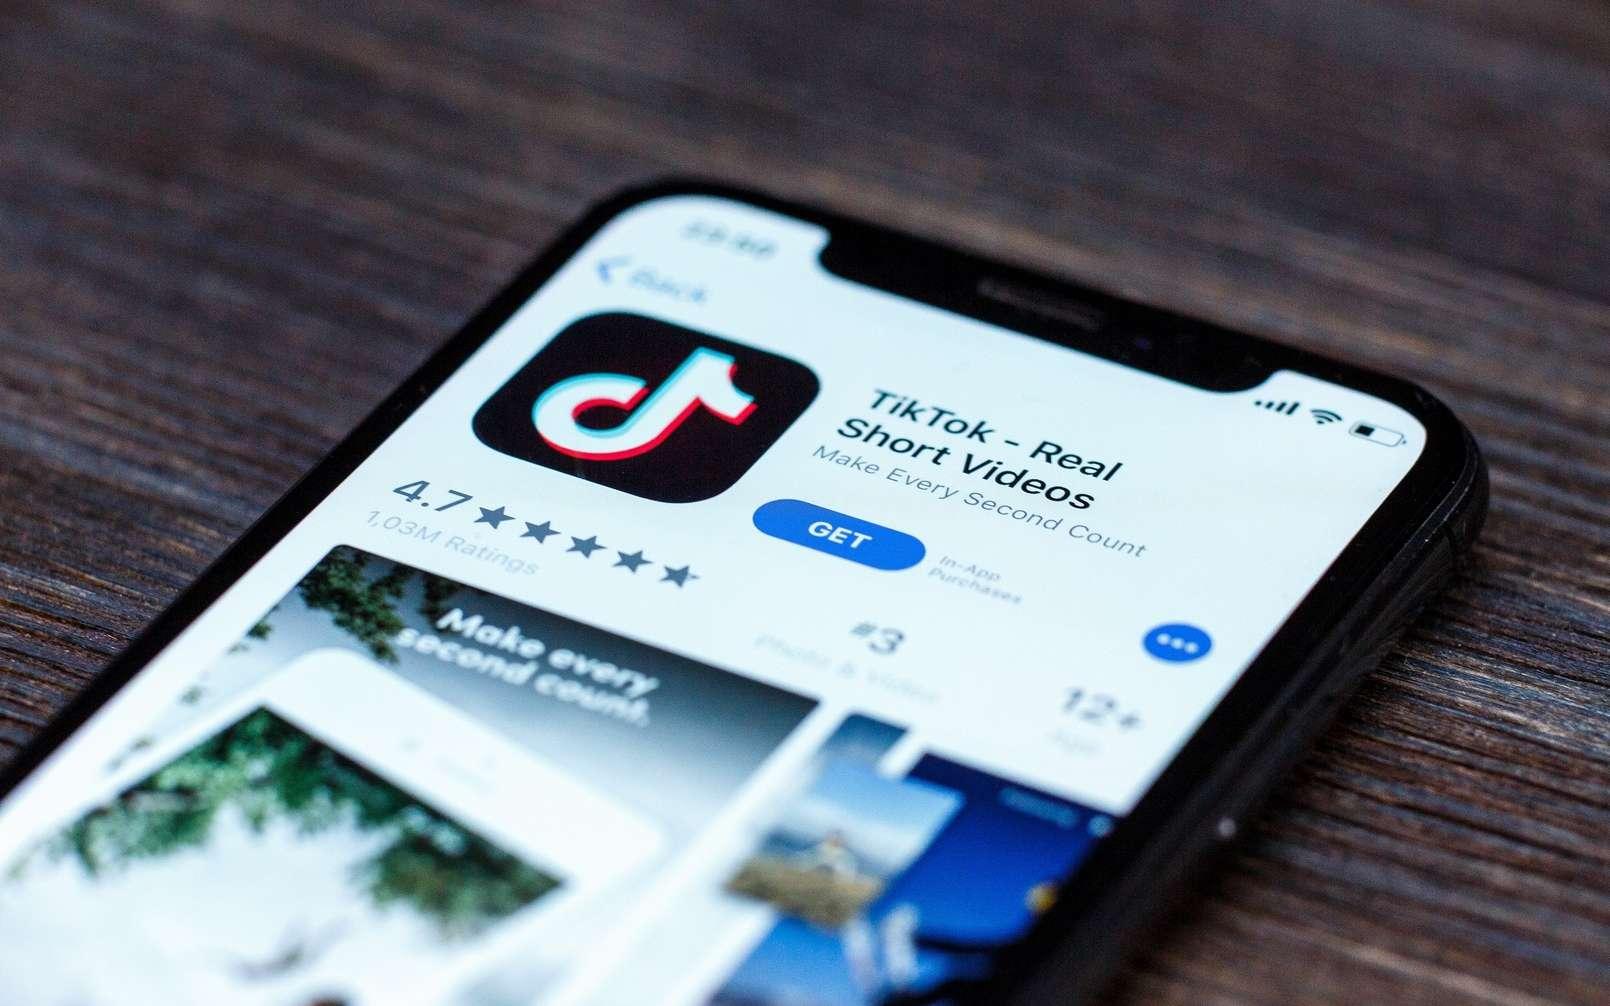 Le mois dernier, TikTok a dépassé les 3 milliards de téléchargements dans le monde. © XanderSt/Shutterstock